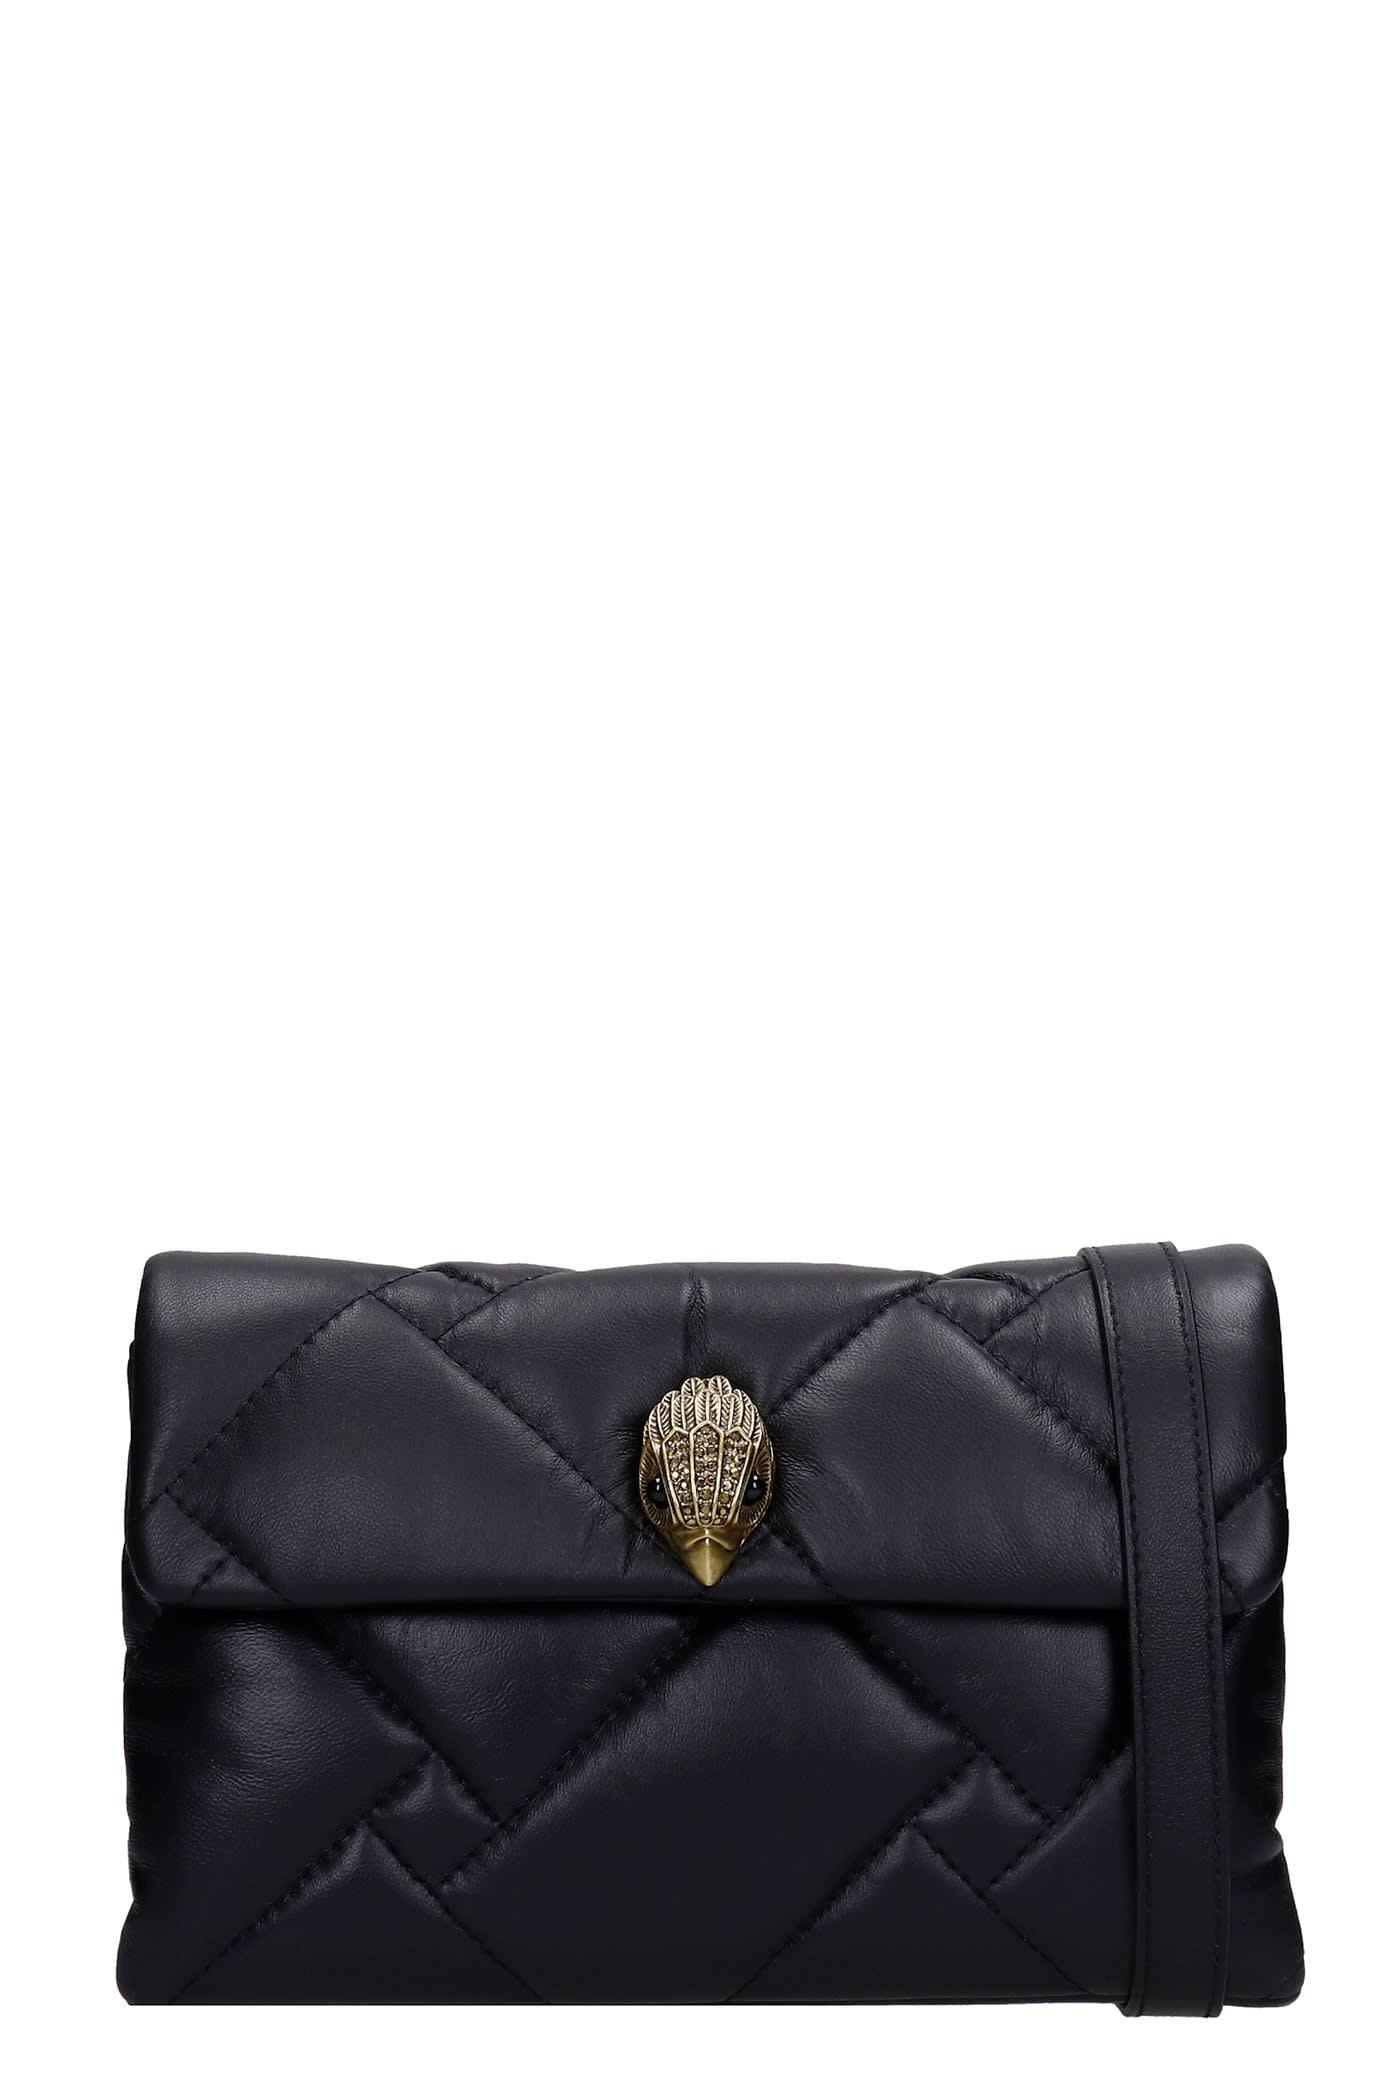 Md Kensington Shoulder Bag In Black Leather